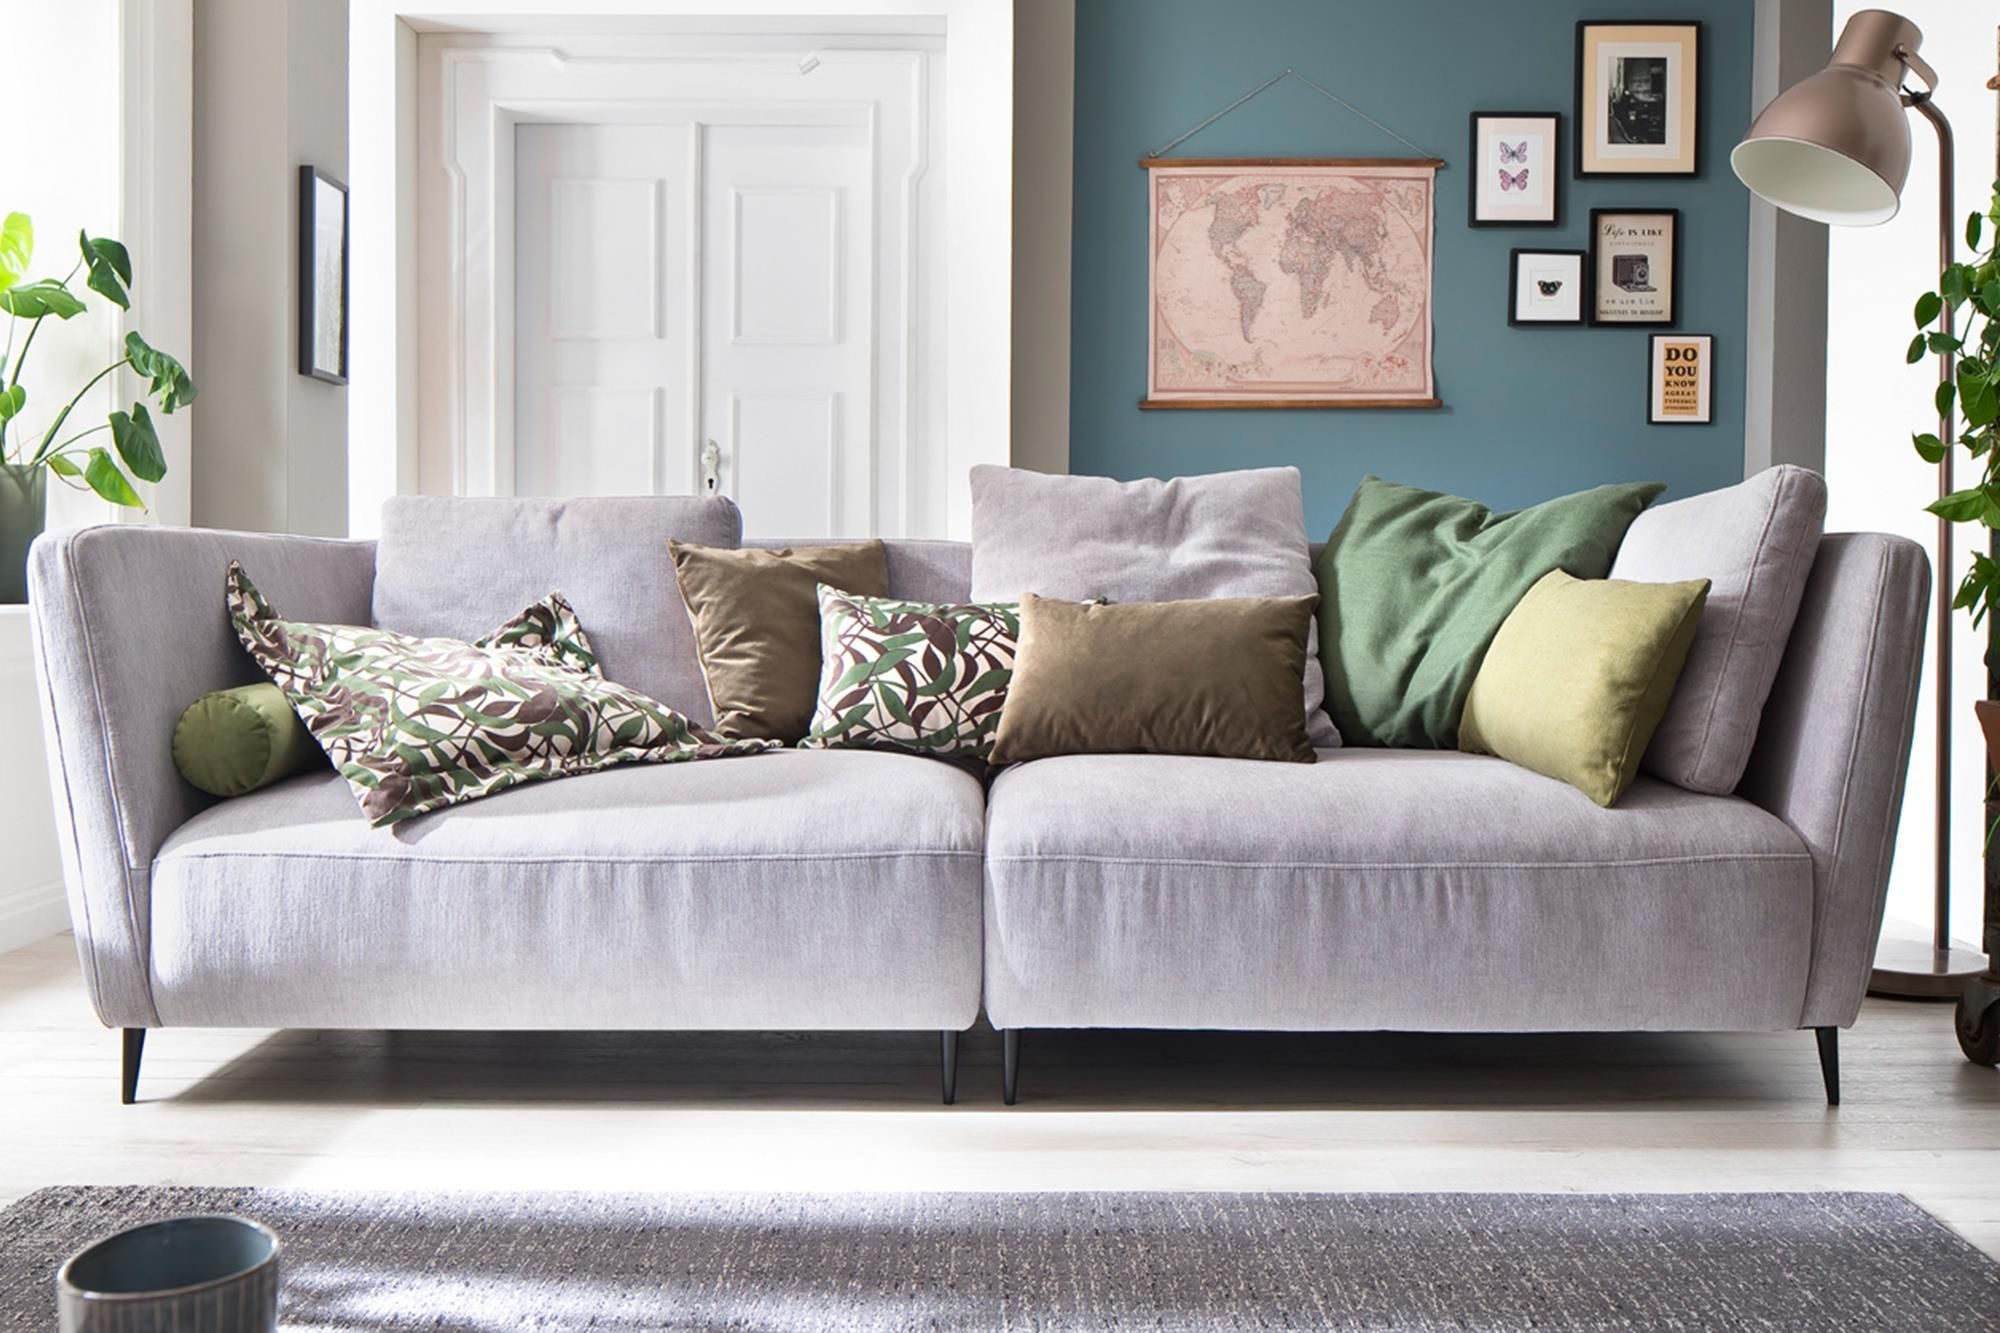 Besonders Modern Und Trendy Ist Das Big Sofa Cascara Von Candy Es Bietet Ihnen Mit Einer Sitztiefe Von 102cm Viel Pla Grosse Sofas Gunstige Sofas Big Sofa Grau